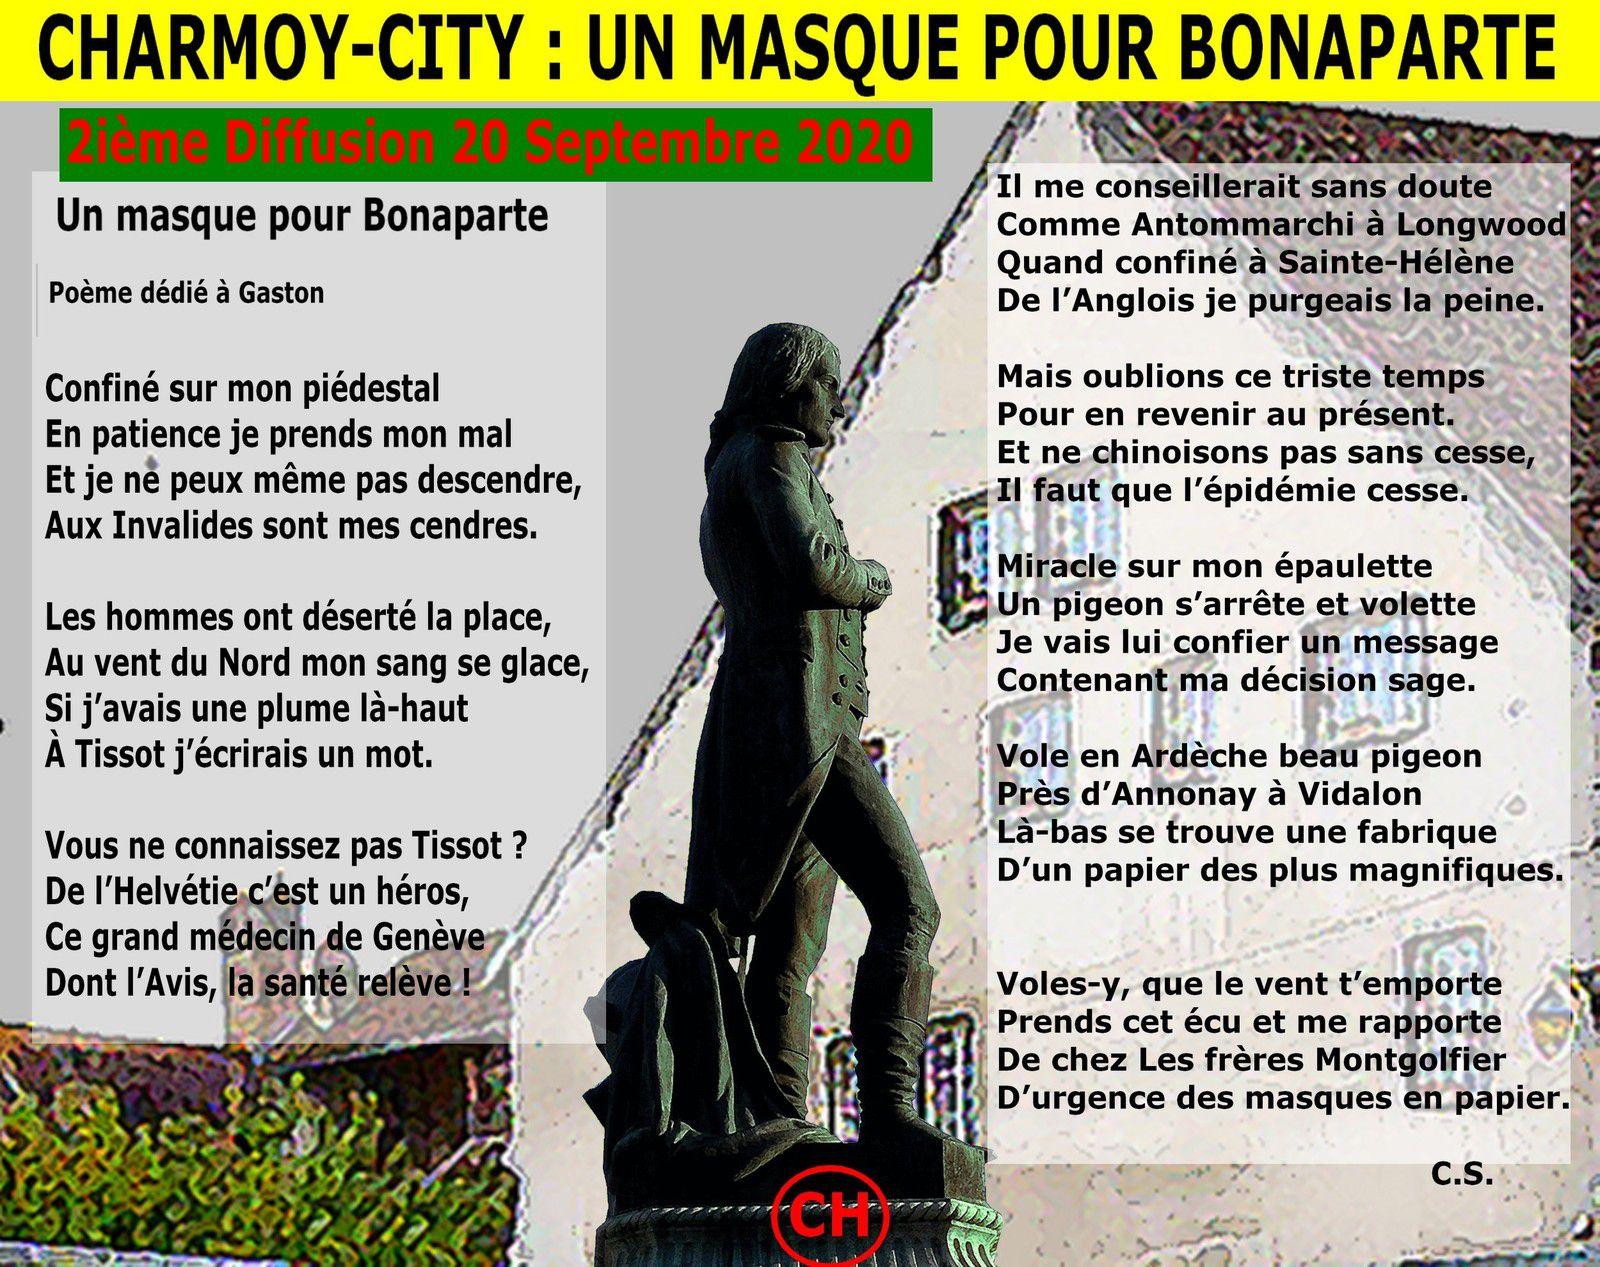 Charmoy-City, un masque pour Bonaparte .jpg